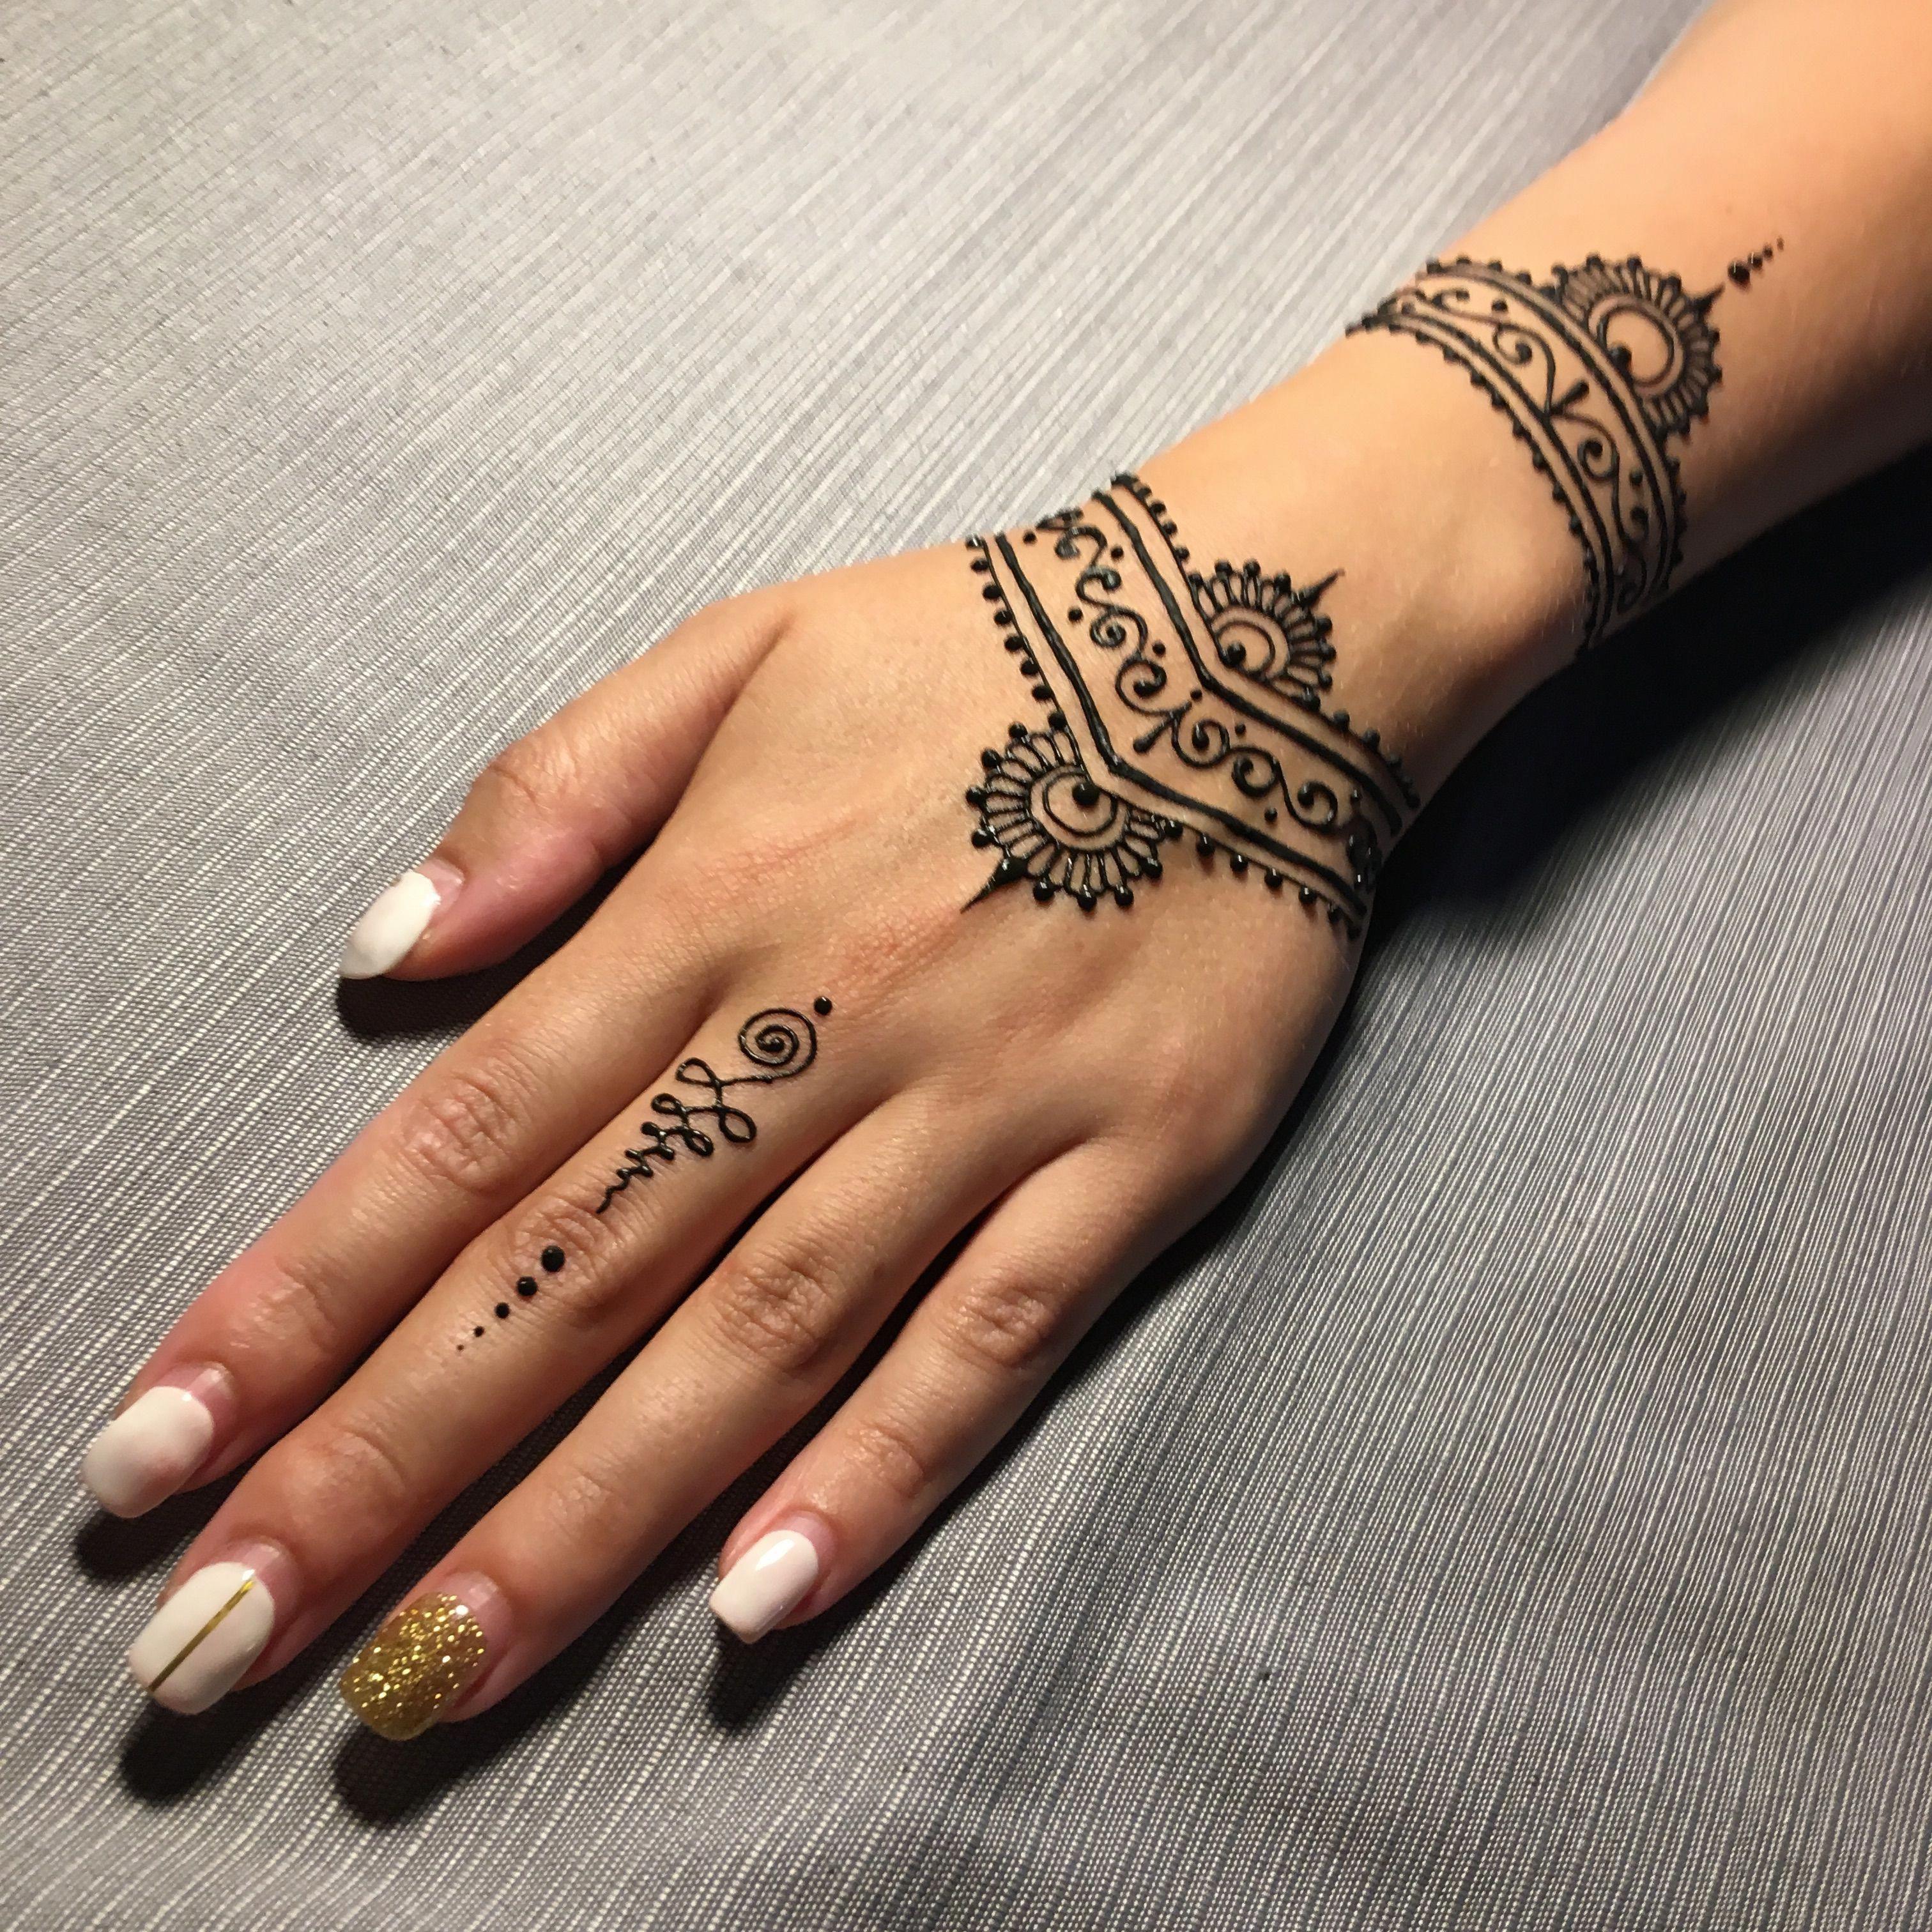 Pattern Tattoos Patterntattoos Henna Tattoo Designs Simple Henna Tattoo Designs Hand Simple Henna Tattoo